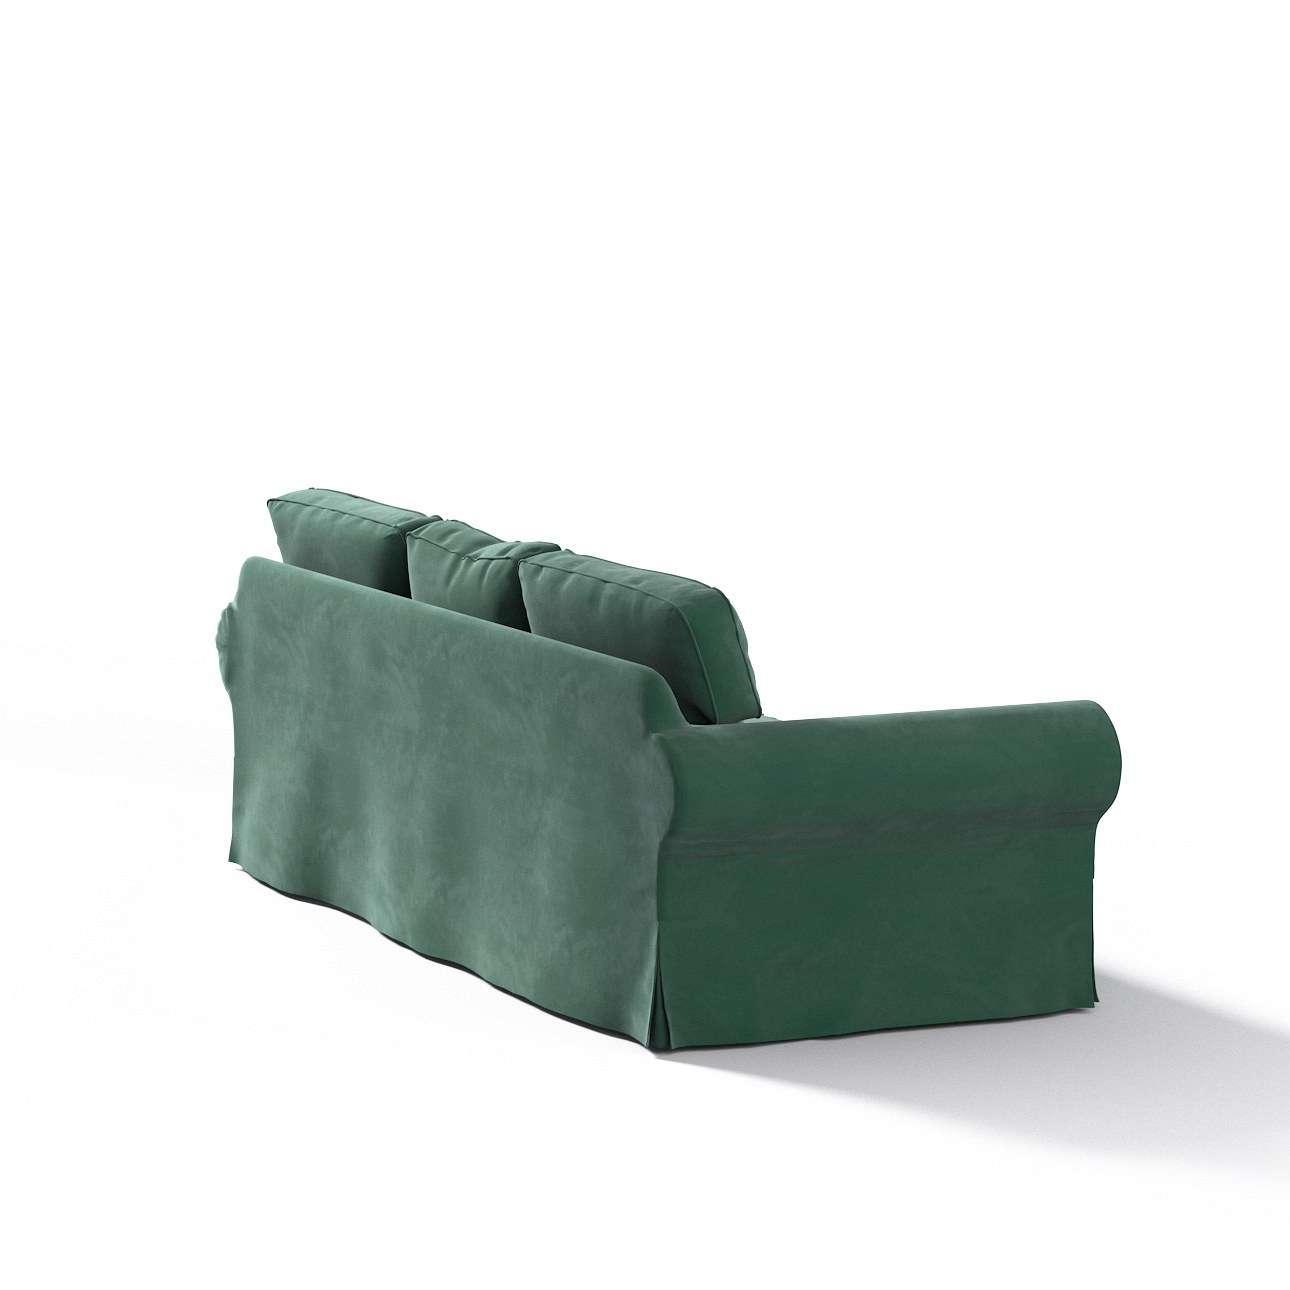 Bezug für Ektorp 3-Sitzer Schlafsofa, neues Modell (2013) von der Kollektion Velvet, Stoff: 704-25